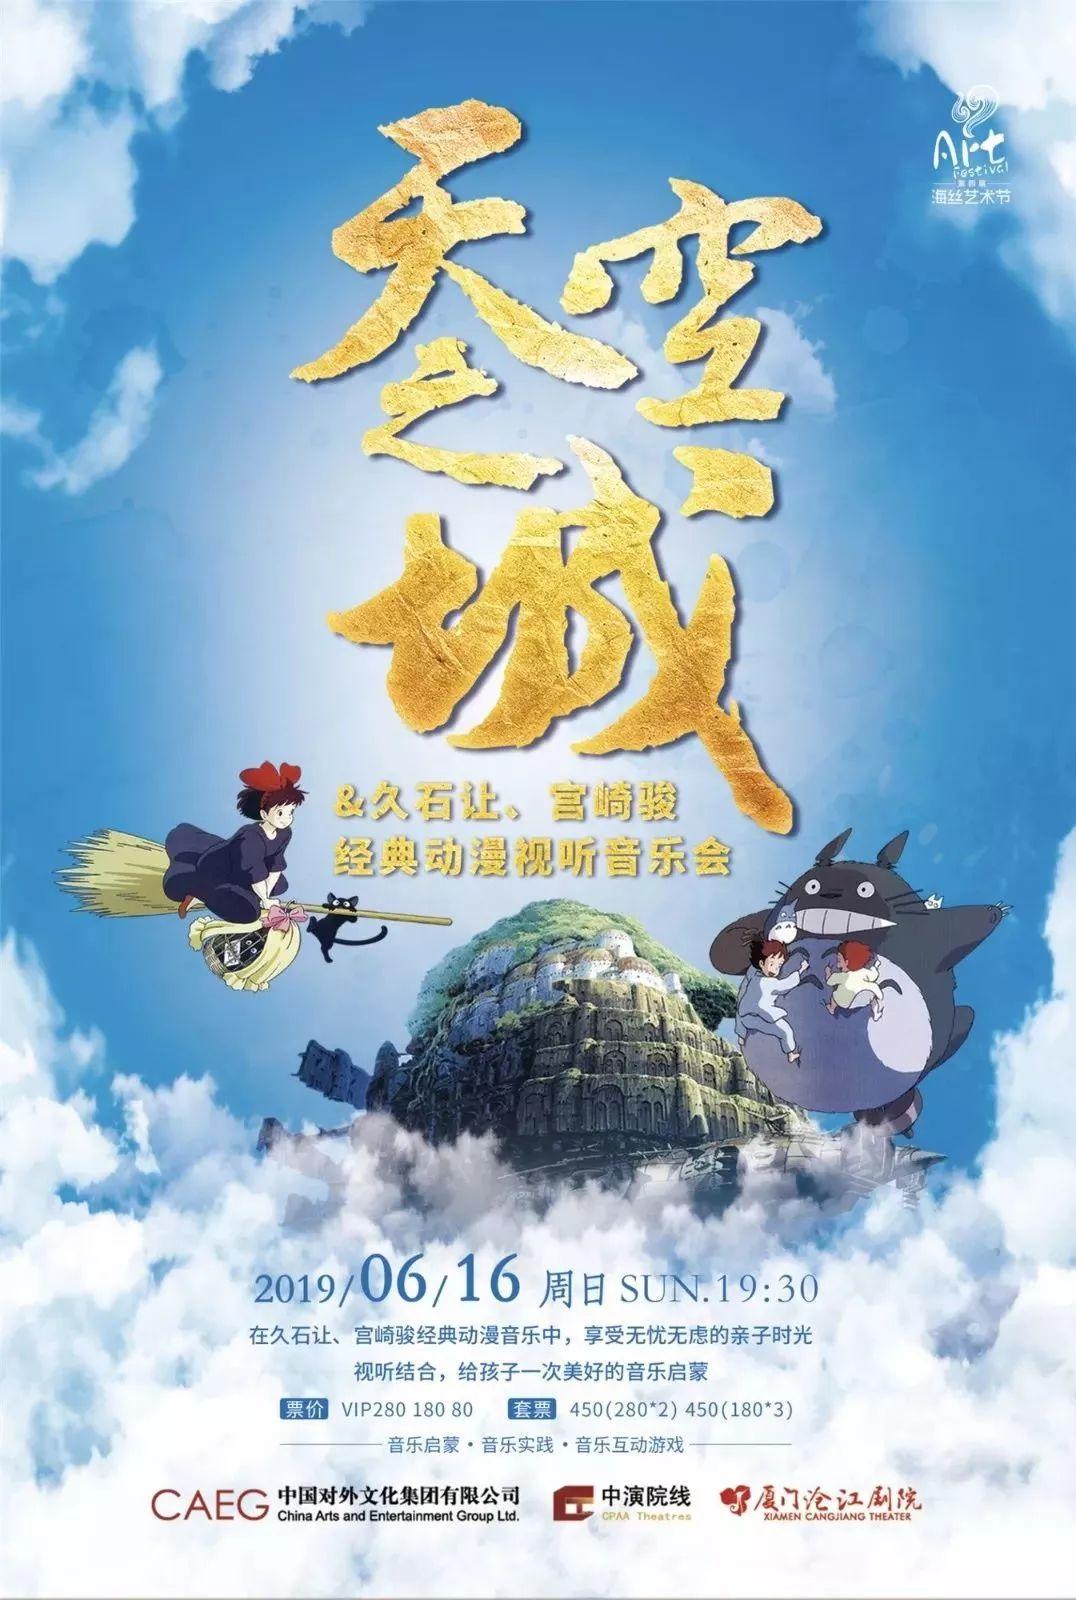 """国家表演艺术家,芬兰歌剧歌剧院夜莺v国家家""""中国终身""""迪里拜尔将在此张克龙四中图片"""